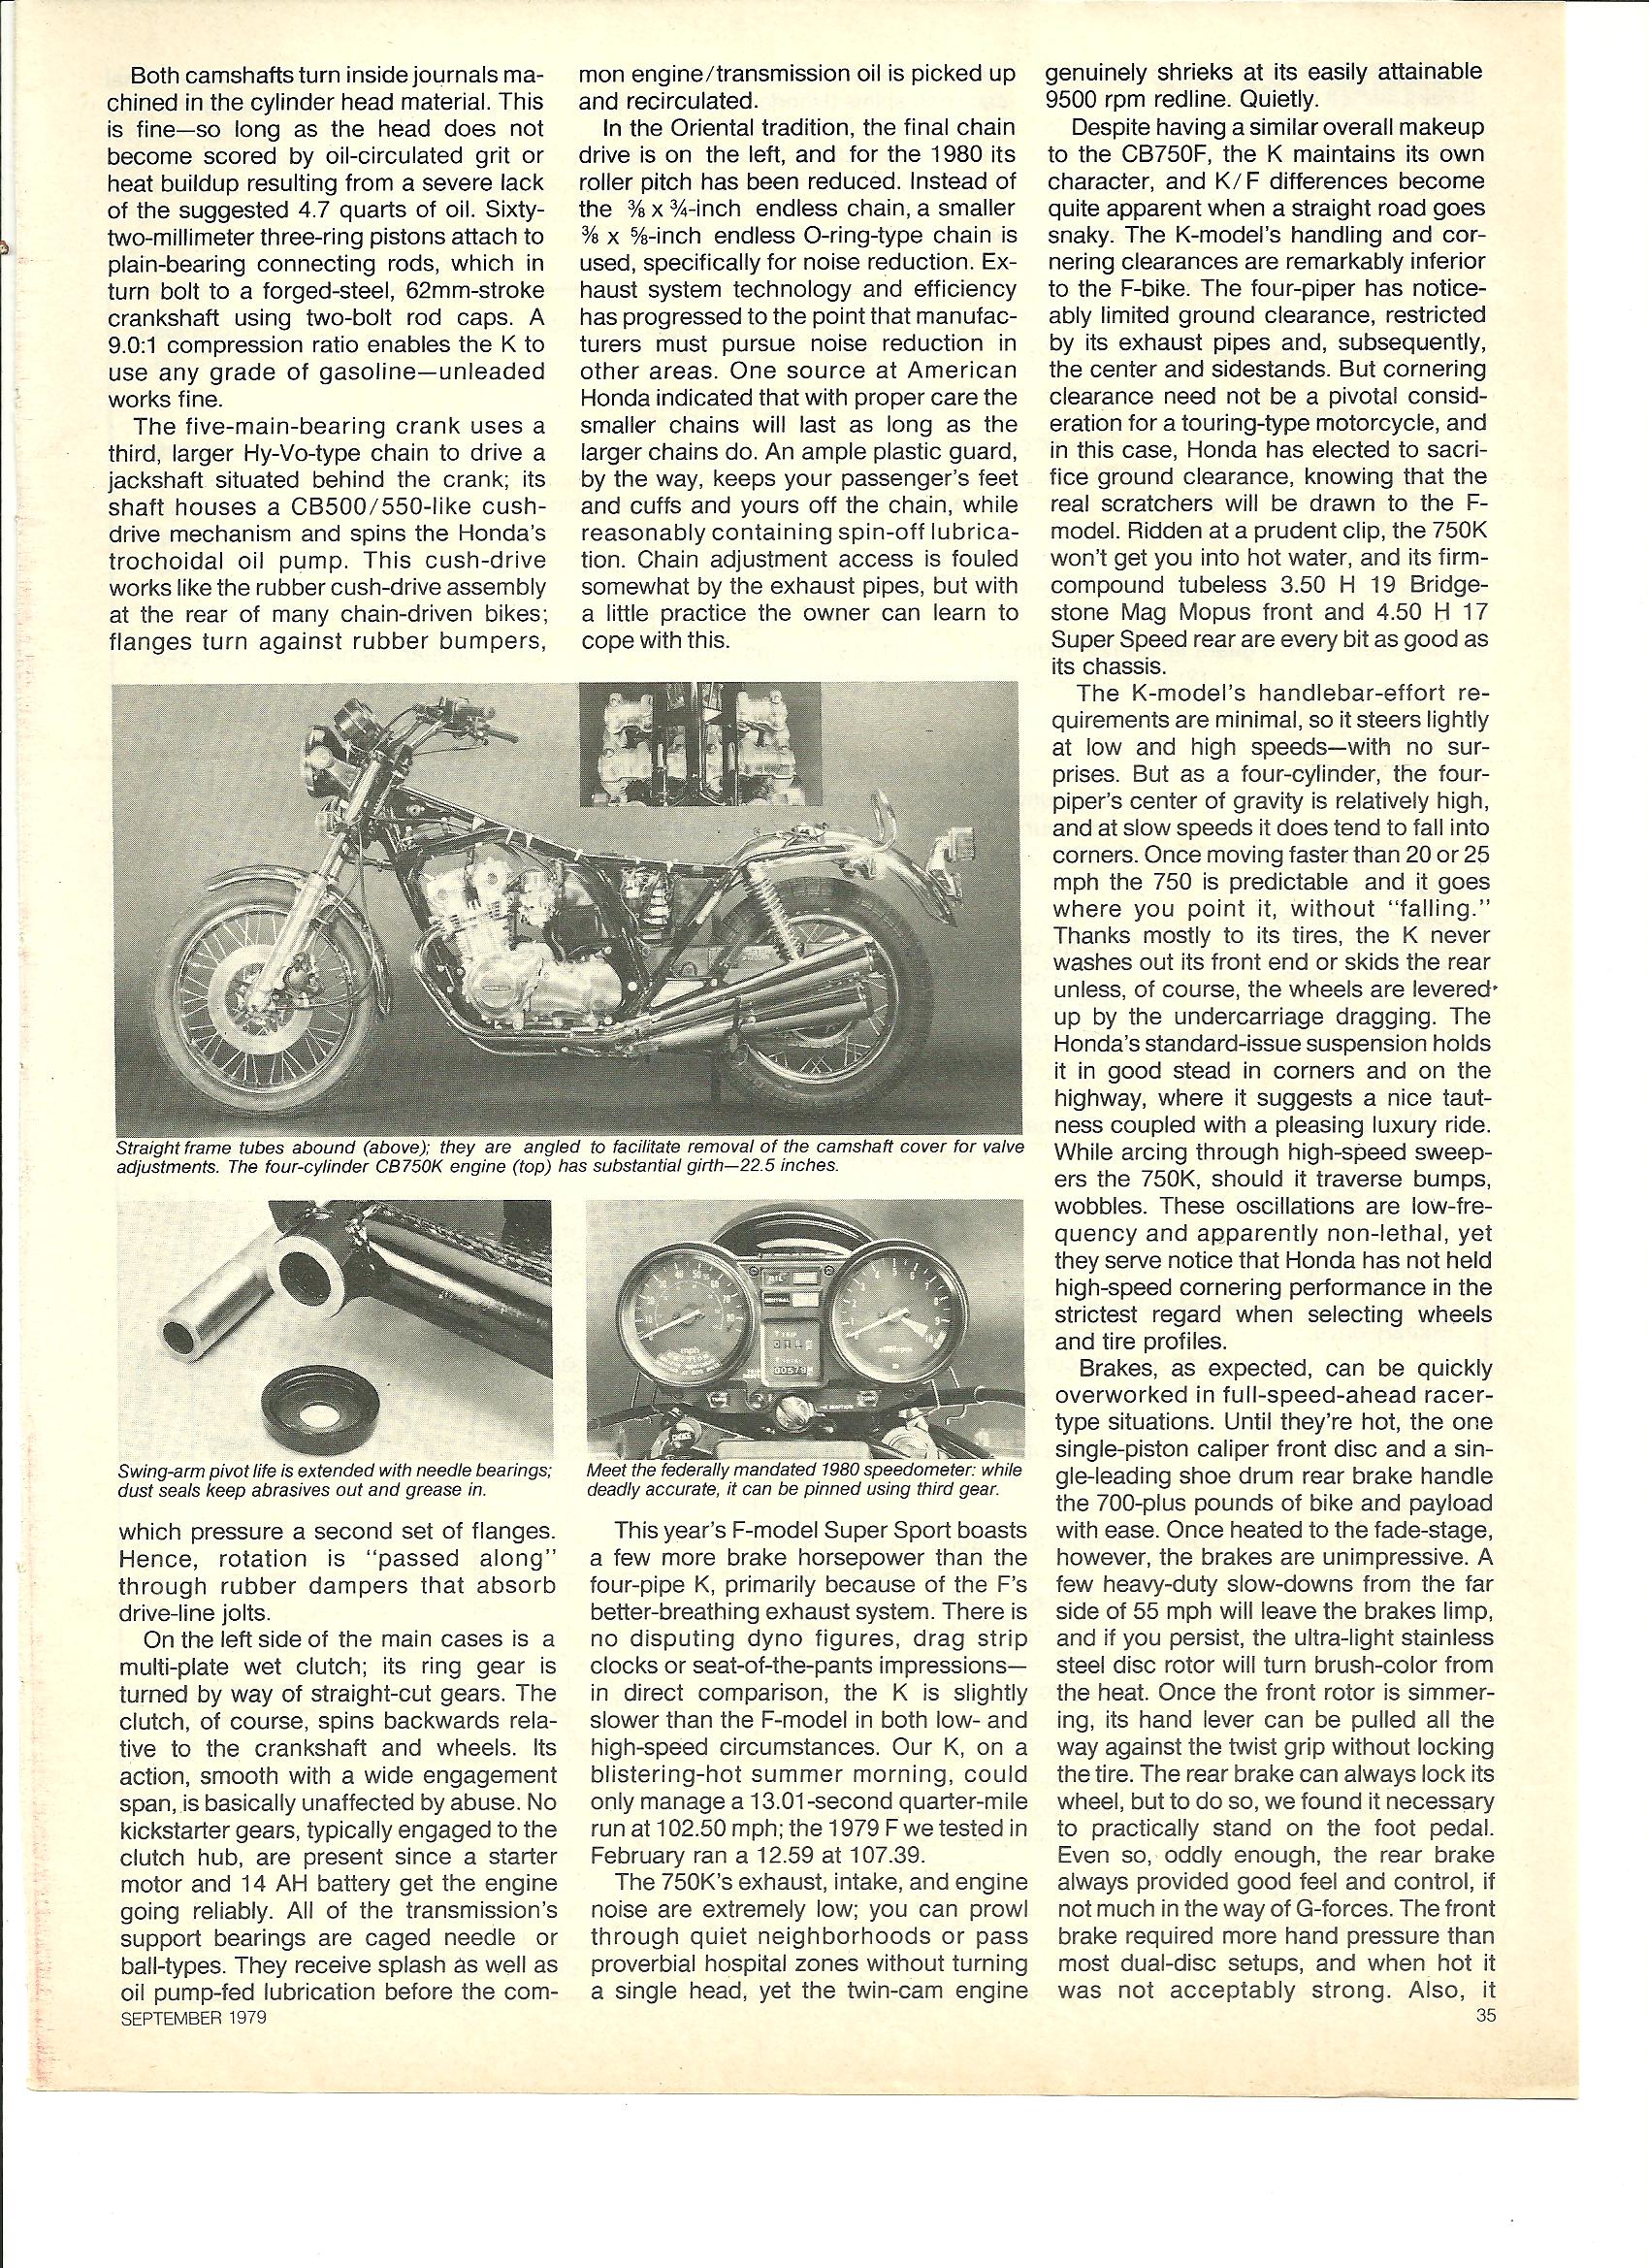 1979_Honda_CB750K_test_pg4.png